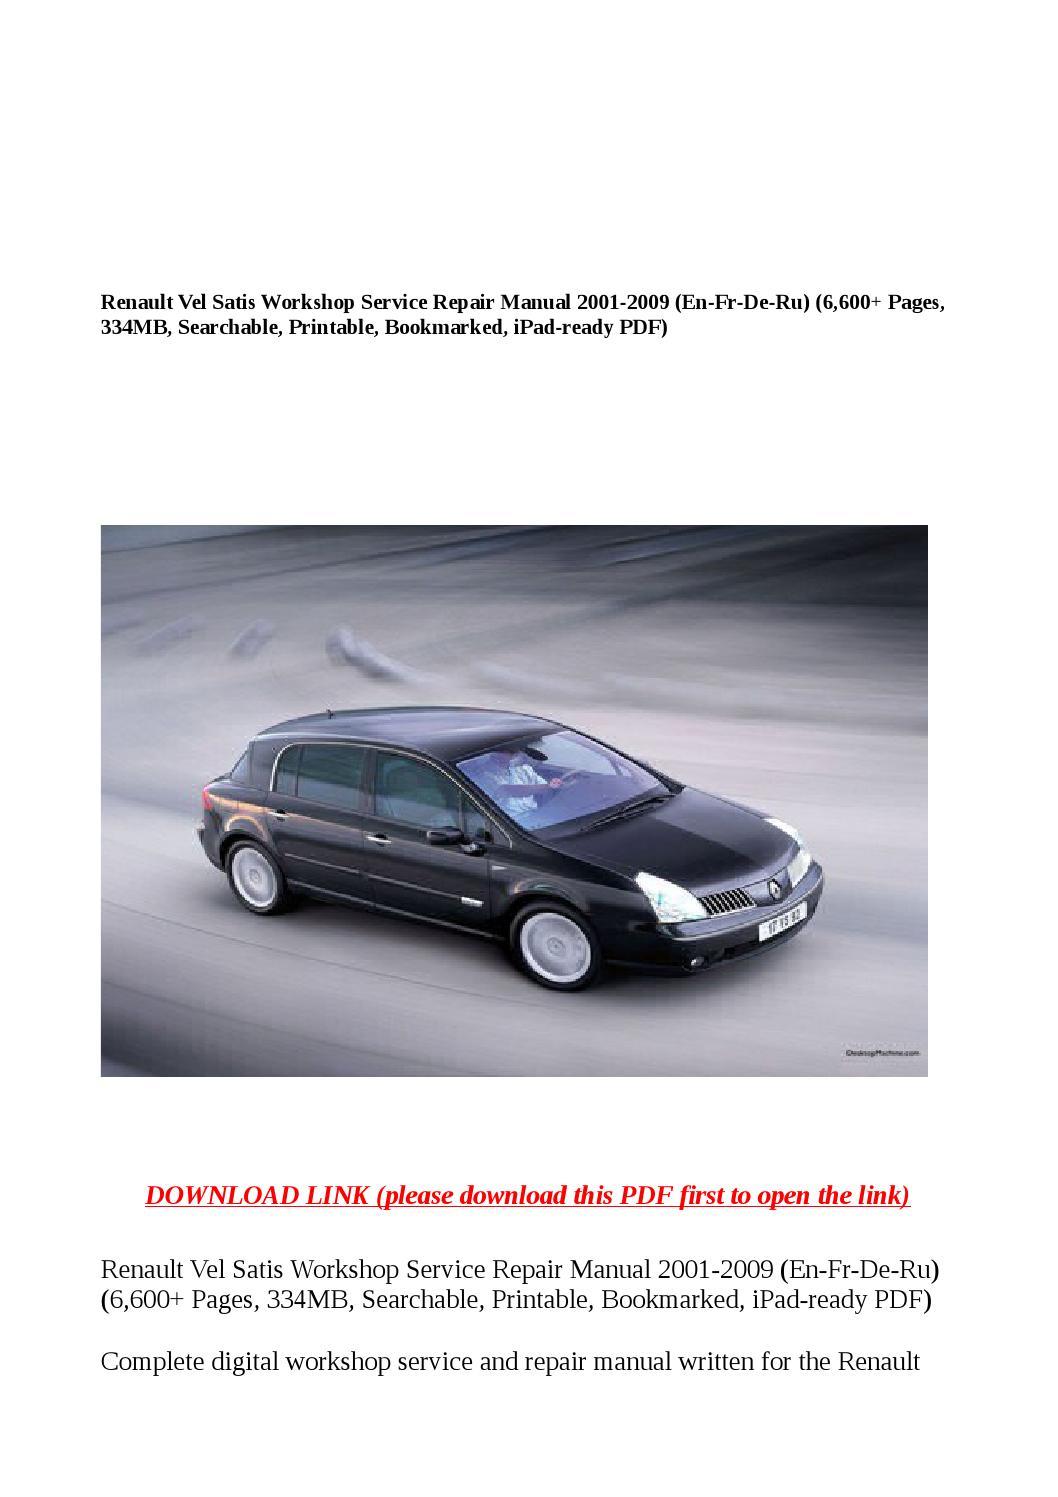 Renault vel satis workshop service repair manual 2001 2009 (en fr de ru)  (6,600 pages, 334mb, search by buhbu - issuu